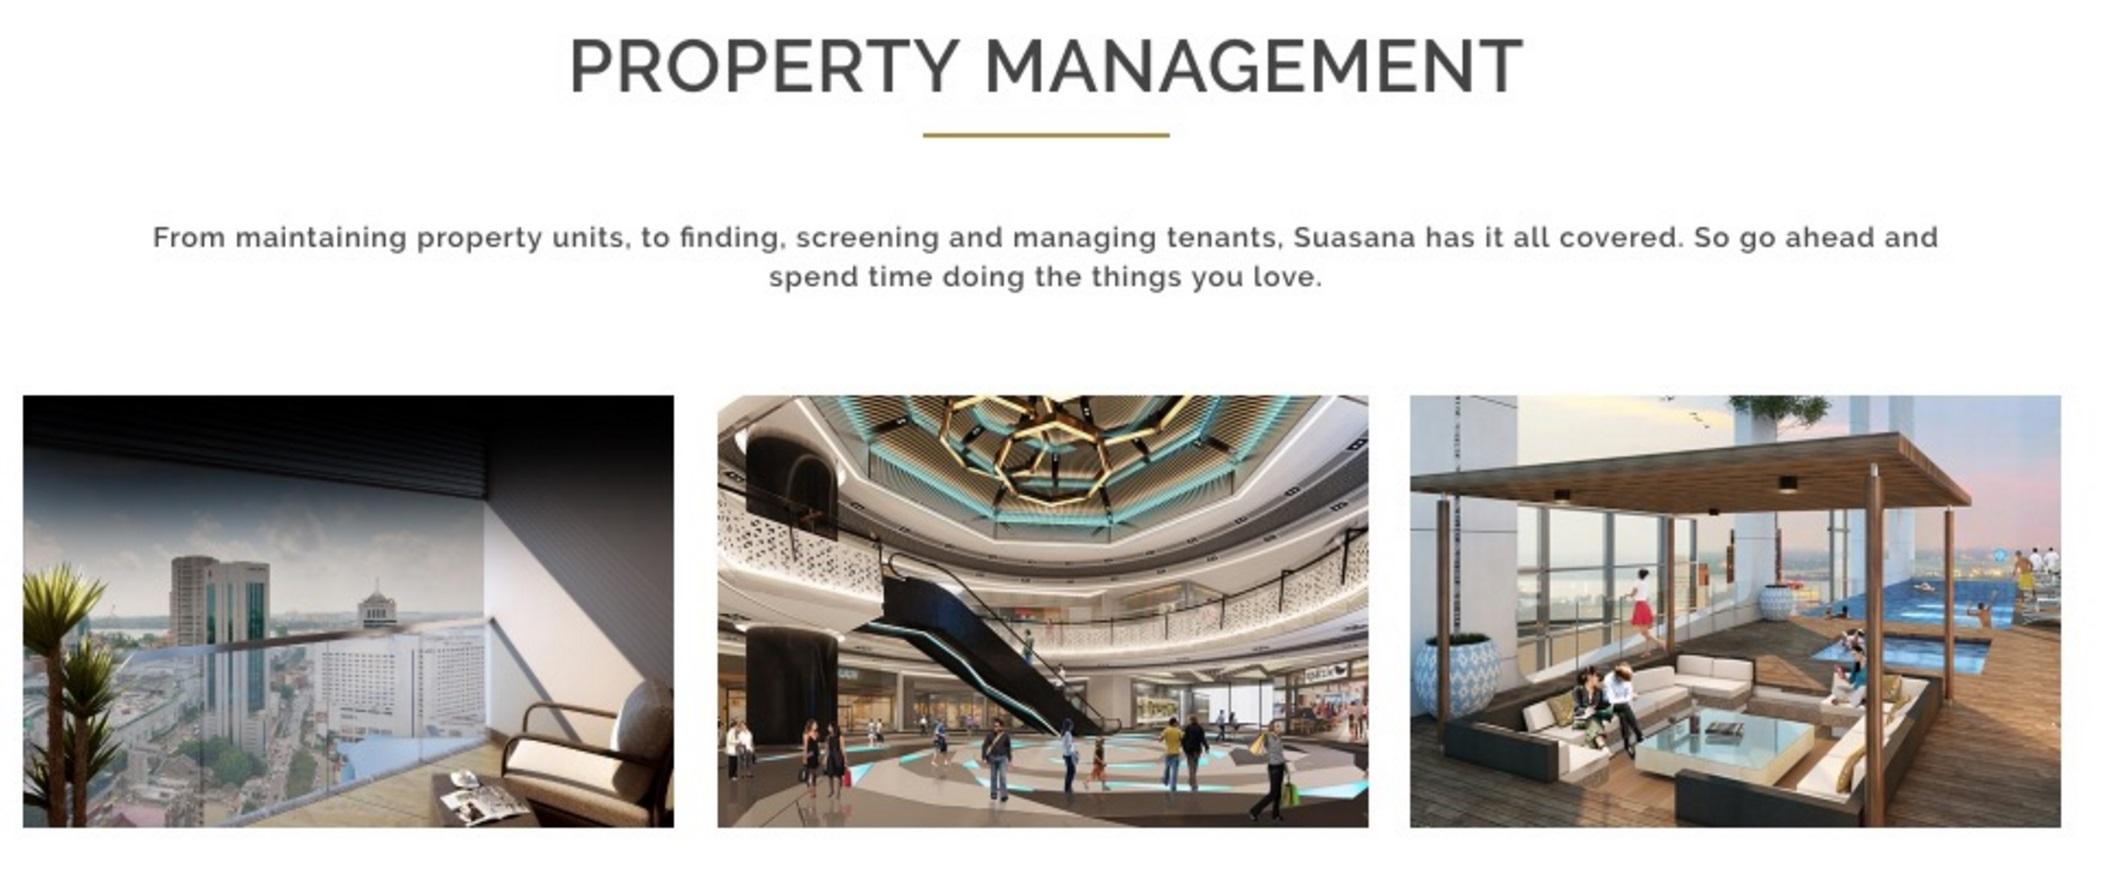 suasana-iskandar-malaysia-property-managment